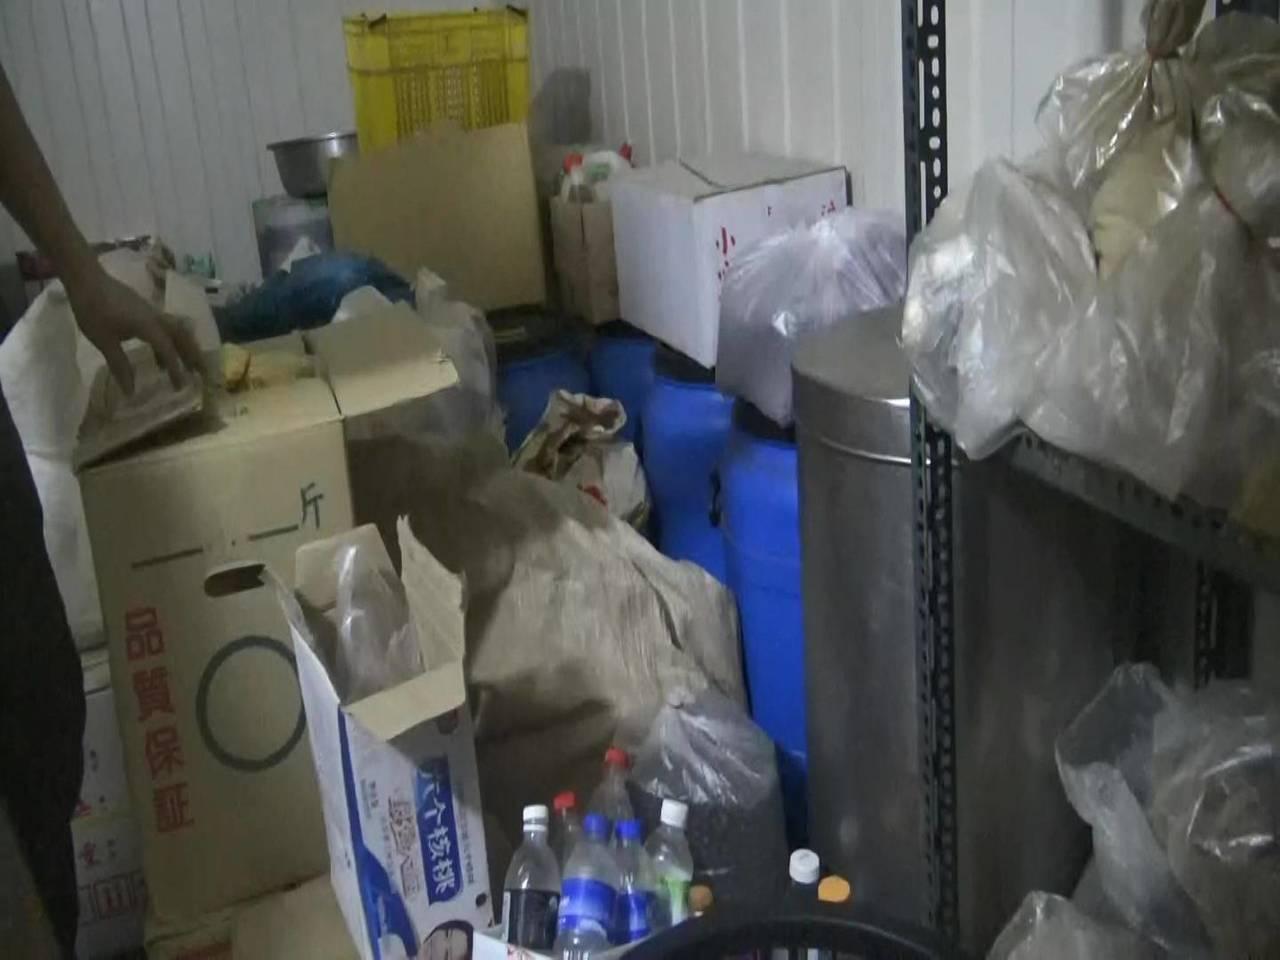 嘉義縣調查站查獲嘉義山區偽中藥工廠。圖/嘉義縣調站提供